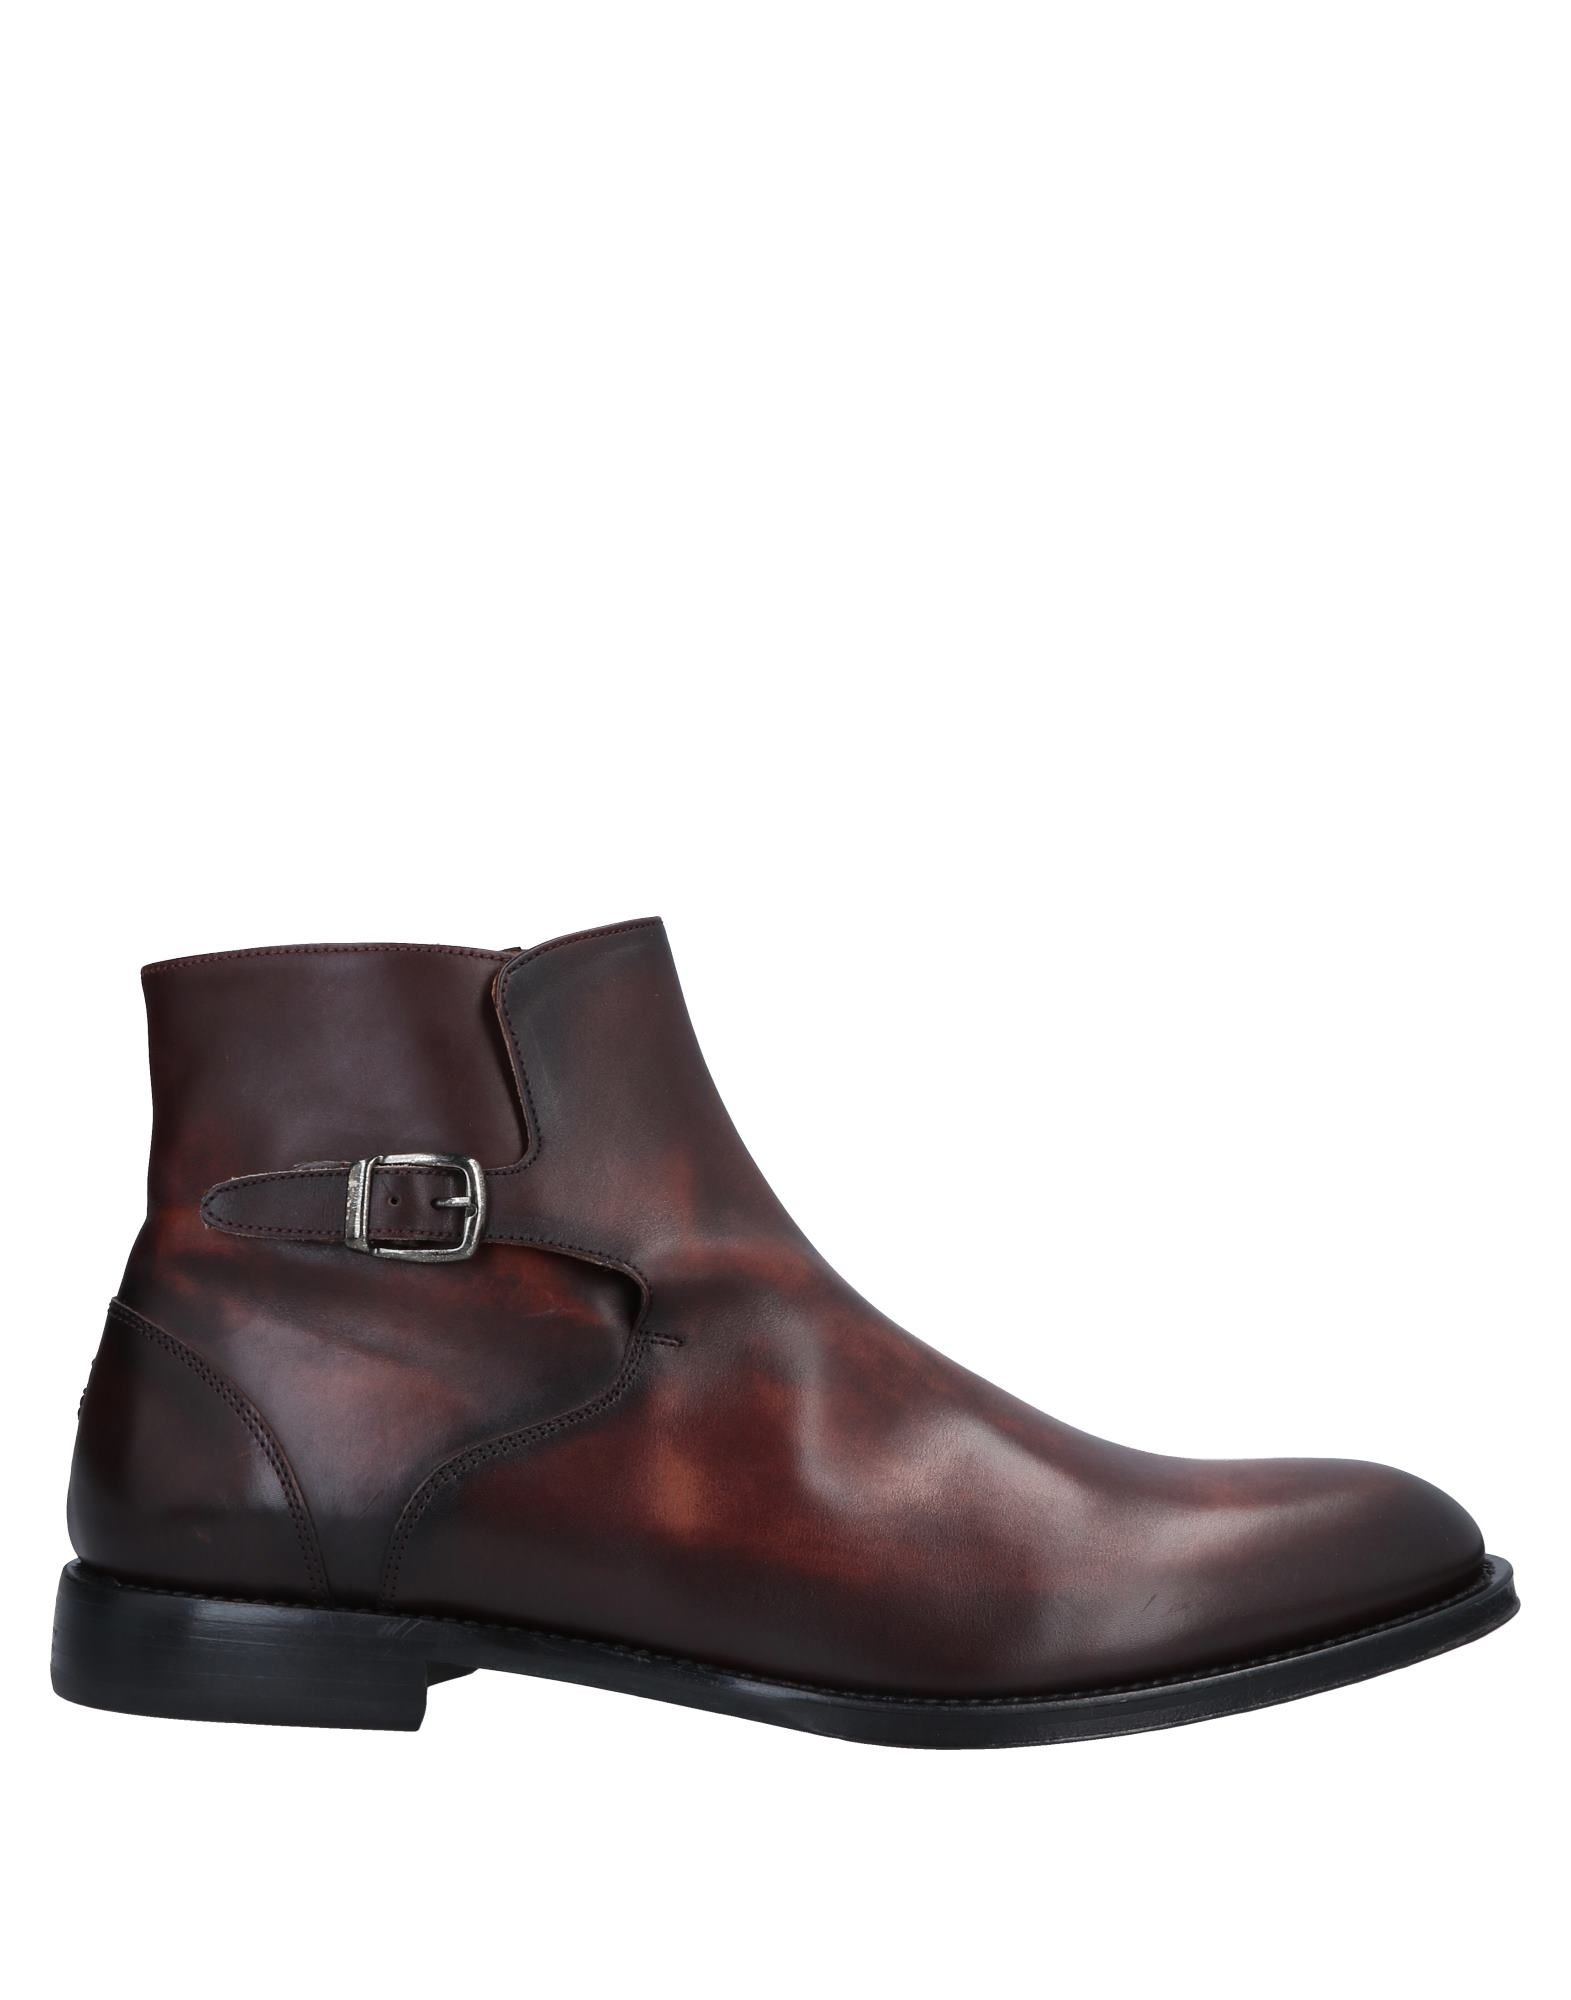 OLIVER SWEENEY Полусапоги и высокие ботинки полусапоги s oliver полусапоги